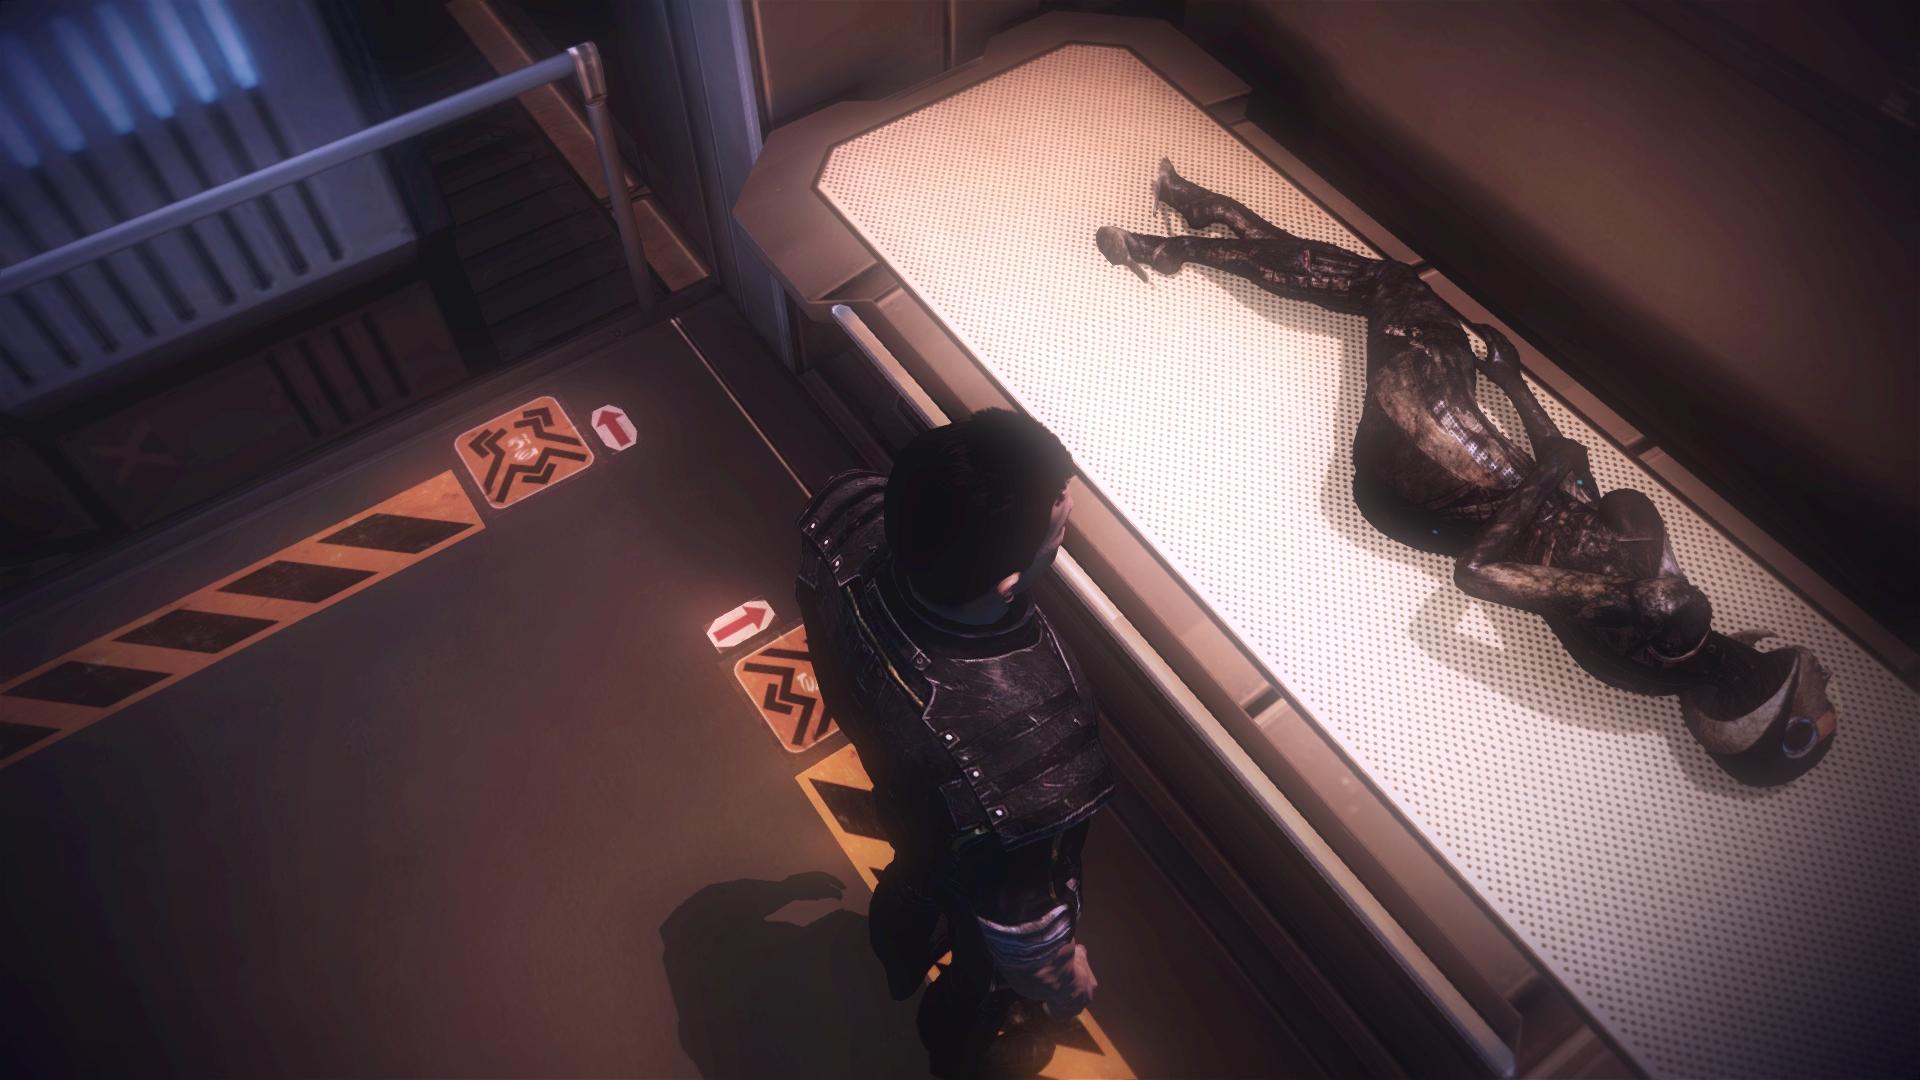 MassEffect3 2016-02-03 11-28-38-43.jpg - Mass Effect 3